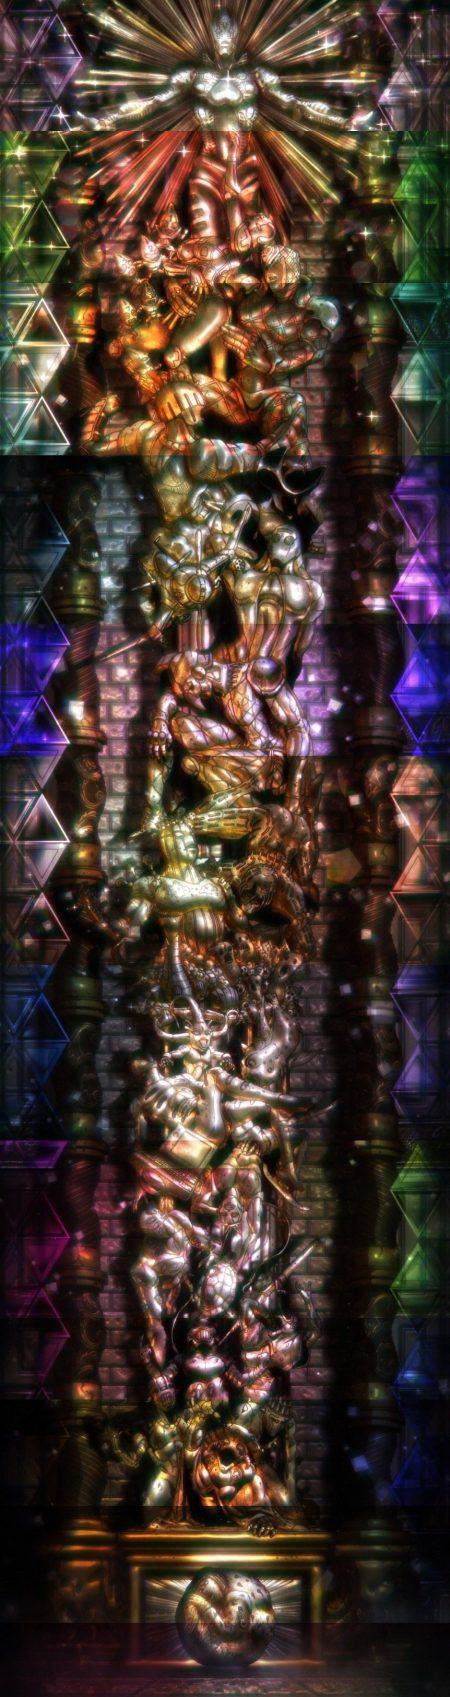 862X3251 Wallpaper JoJo's Bizarre Adventure Anime en HD pour PC à Télécharger Gratuitement ID : 78883430962230697 | Fond-Ecran-Manga.fr